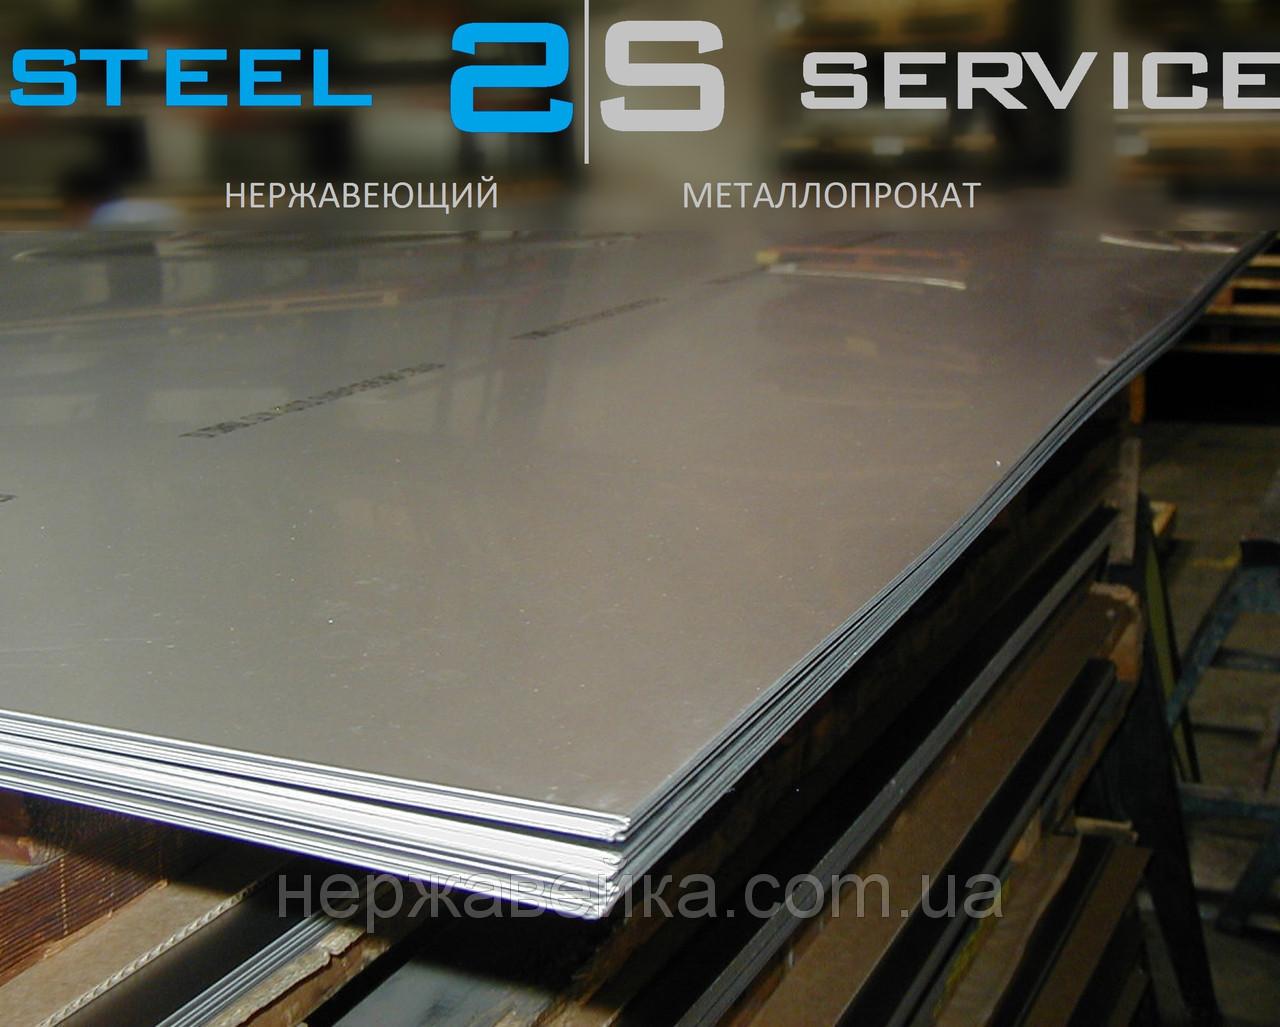 Нержавеющий лист 5х1500х6000мм  AISI 321(08Х18Н10Т) F1 - горячекатанный,  пищевой